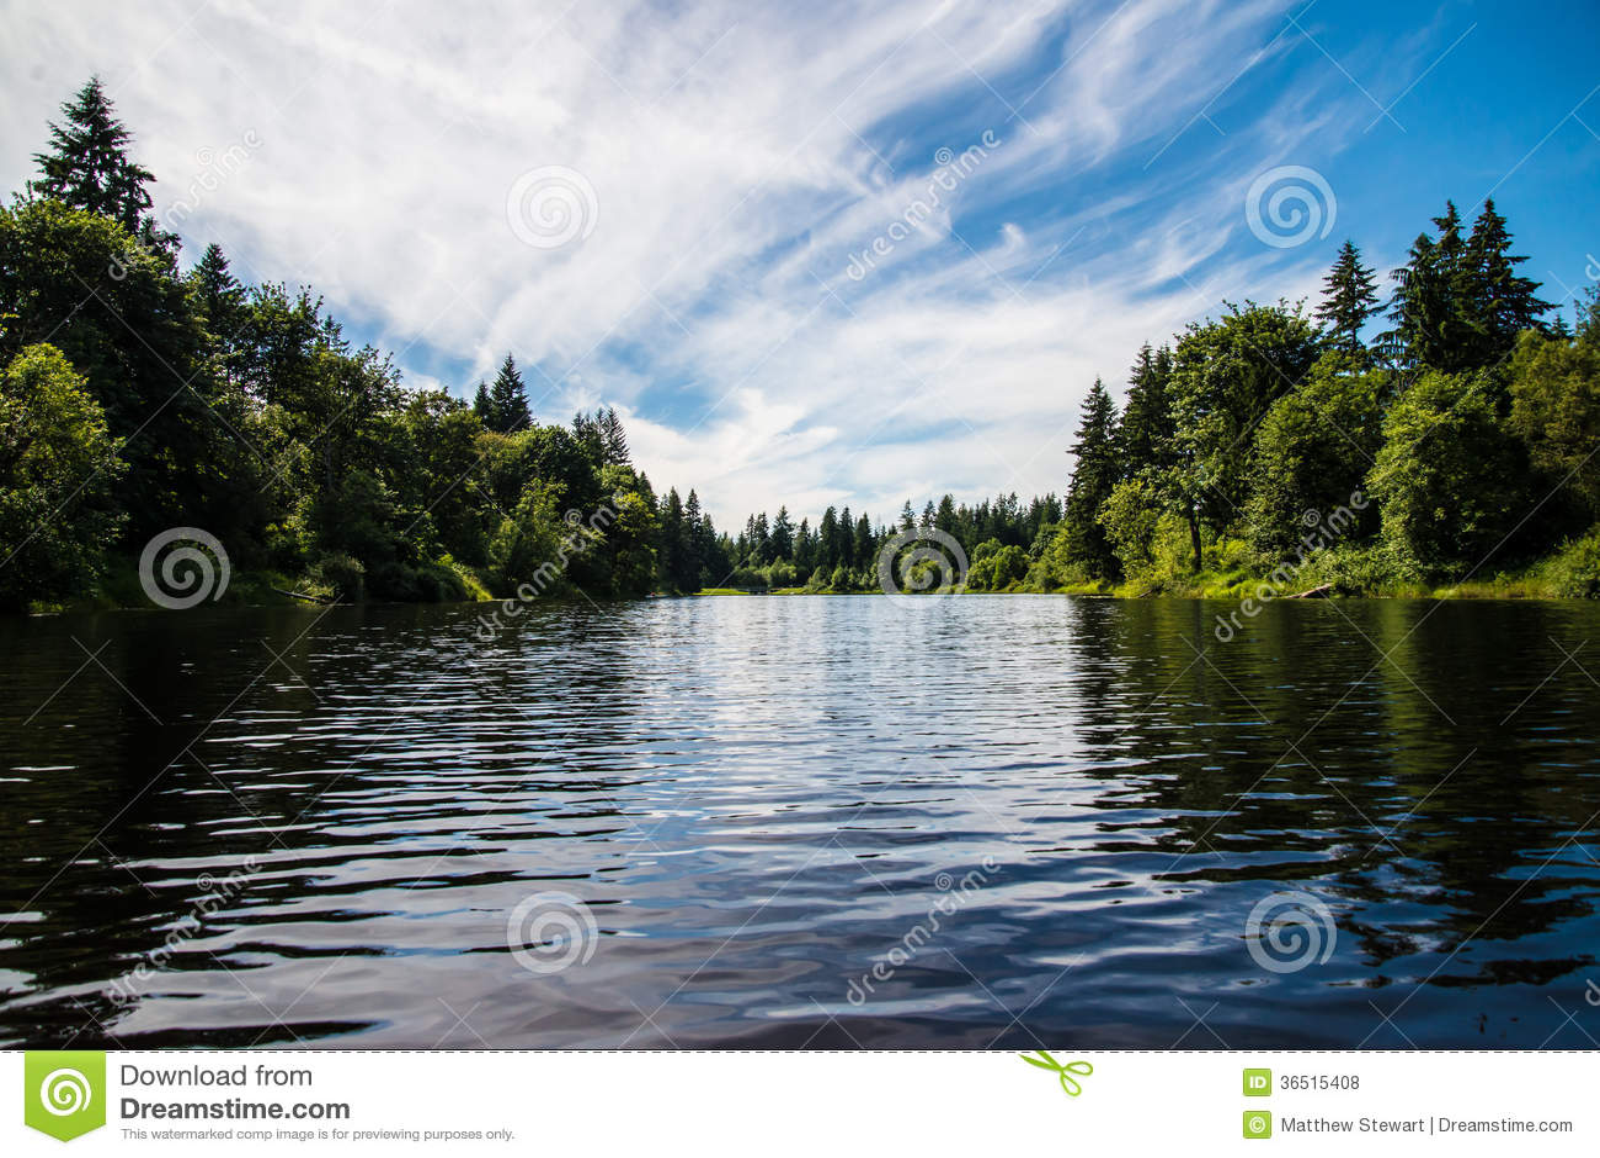 Lac dans les bois